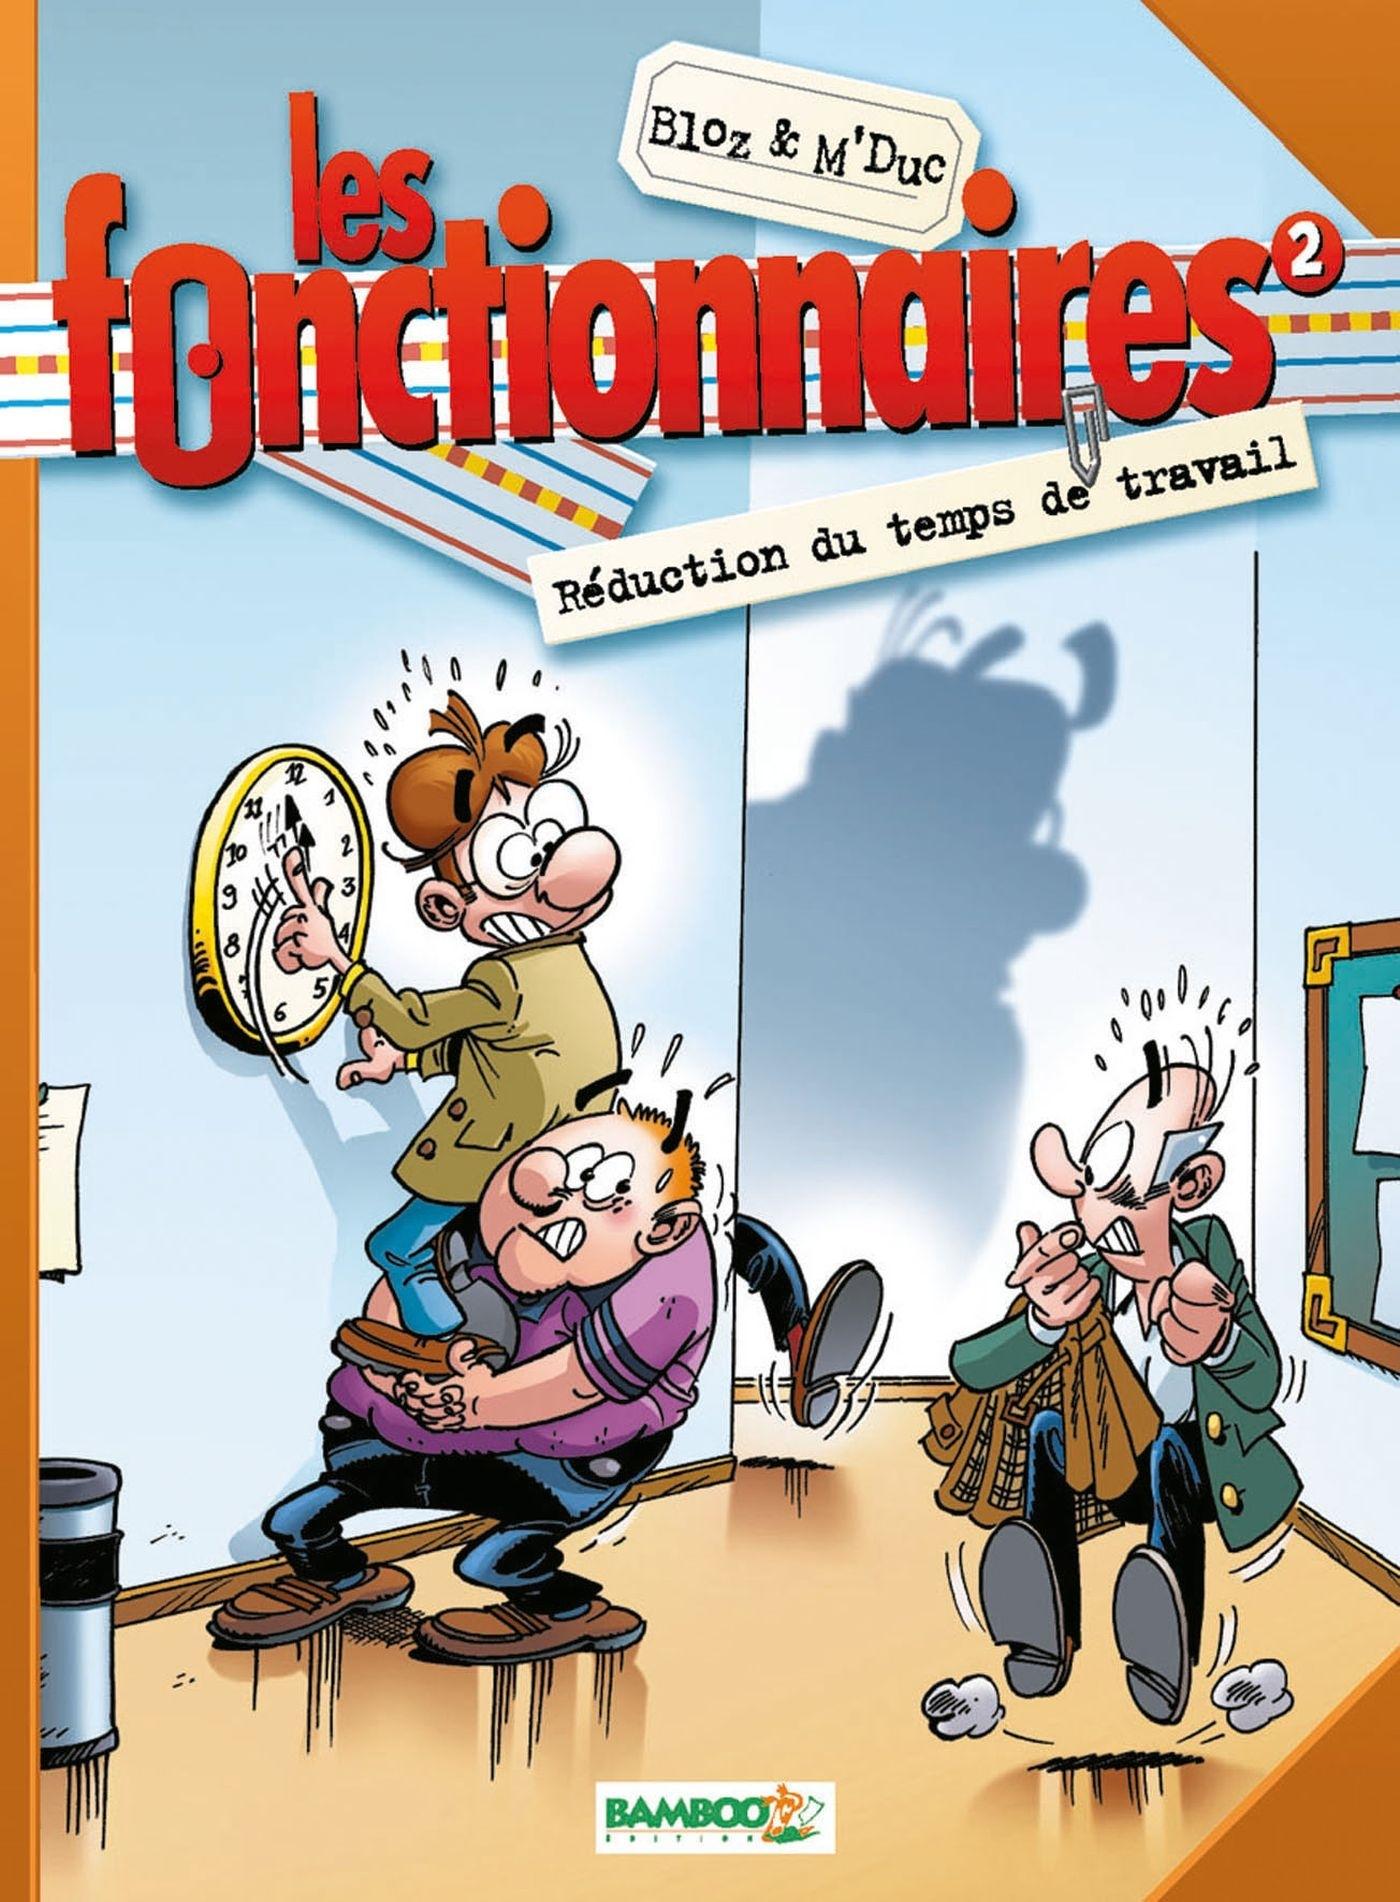 LES FONCTIONNAIRES - TOME 2 - REDUCTION DU TEMPS DE TRAVAIL